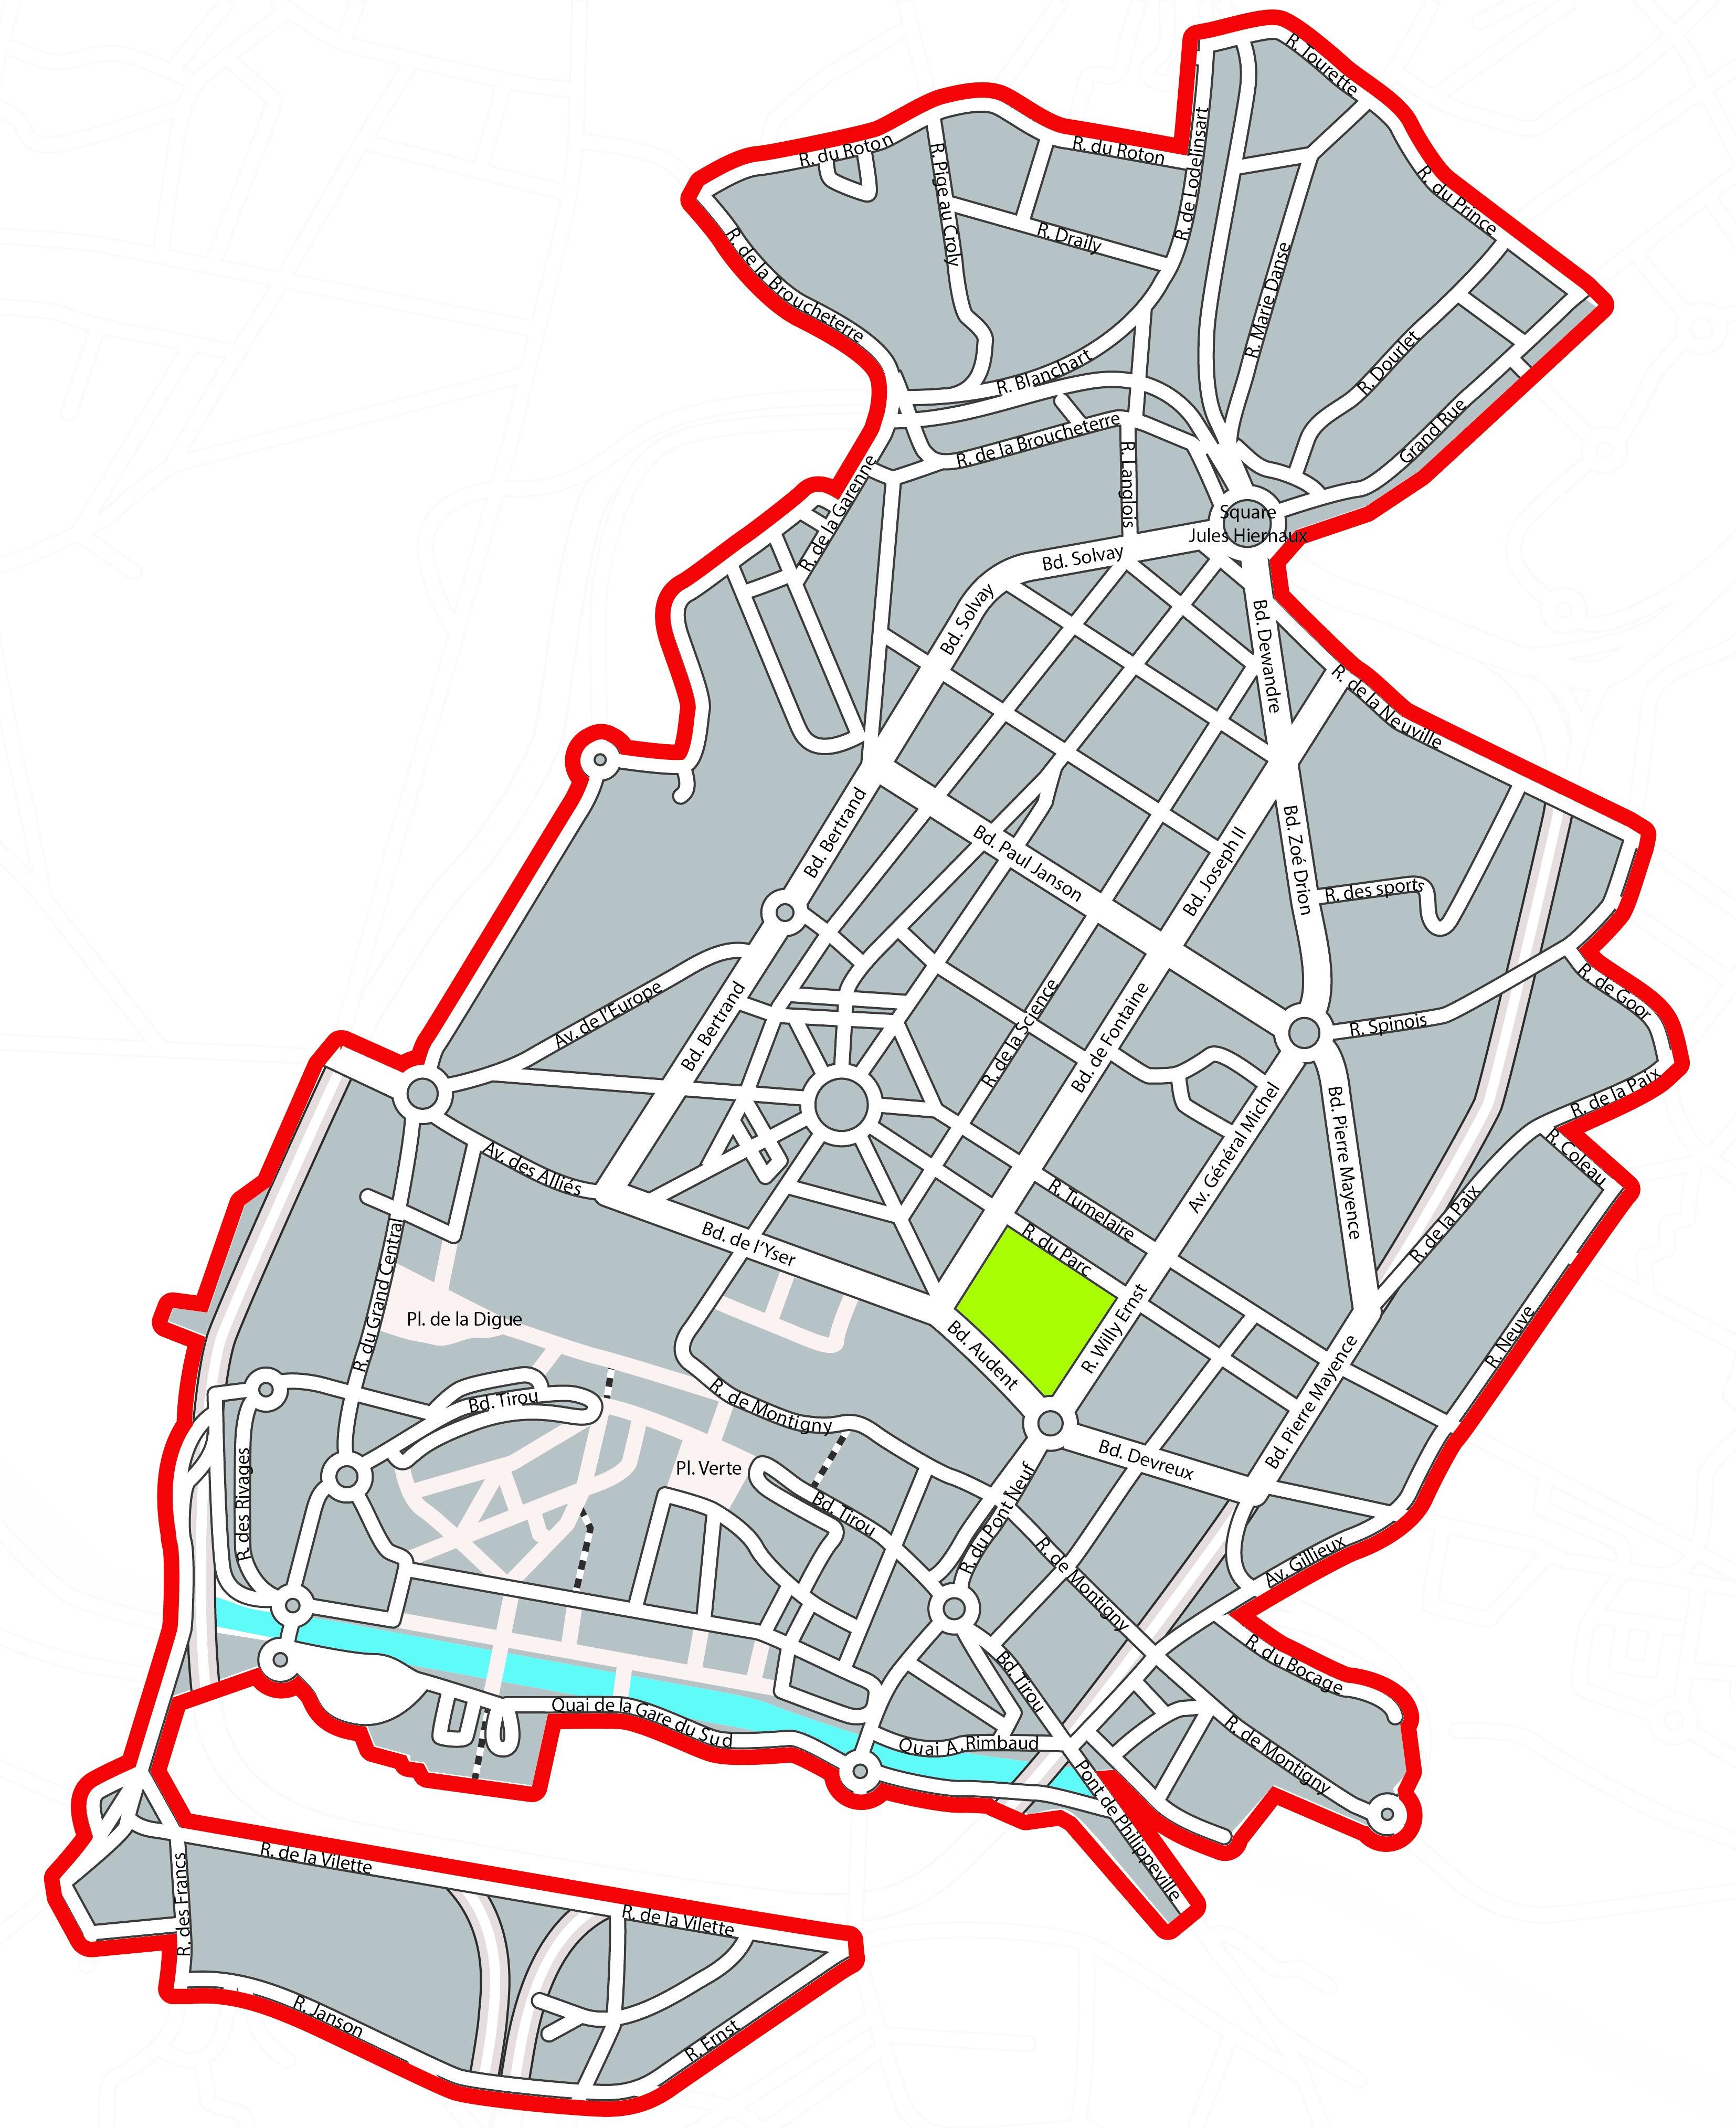 Listes des rues du centre-ville de Charleroi desservies par le service propreté de Tibi